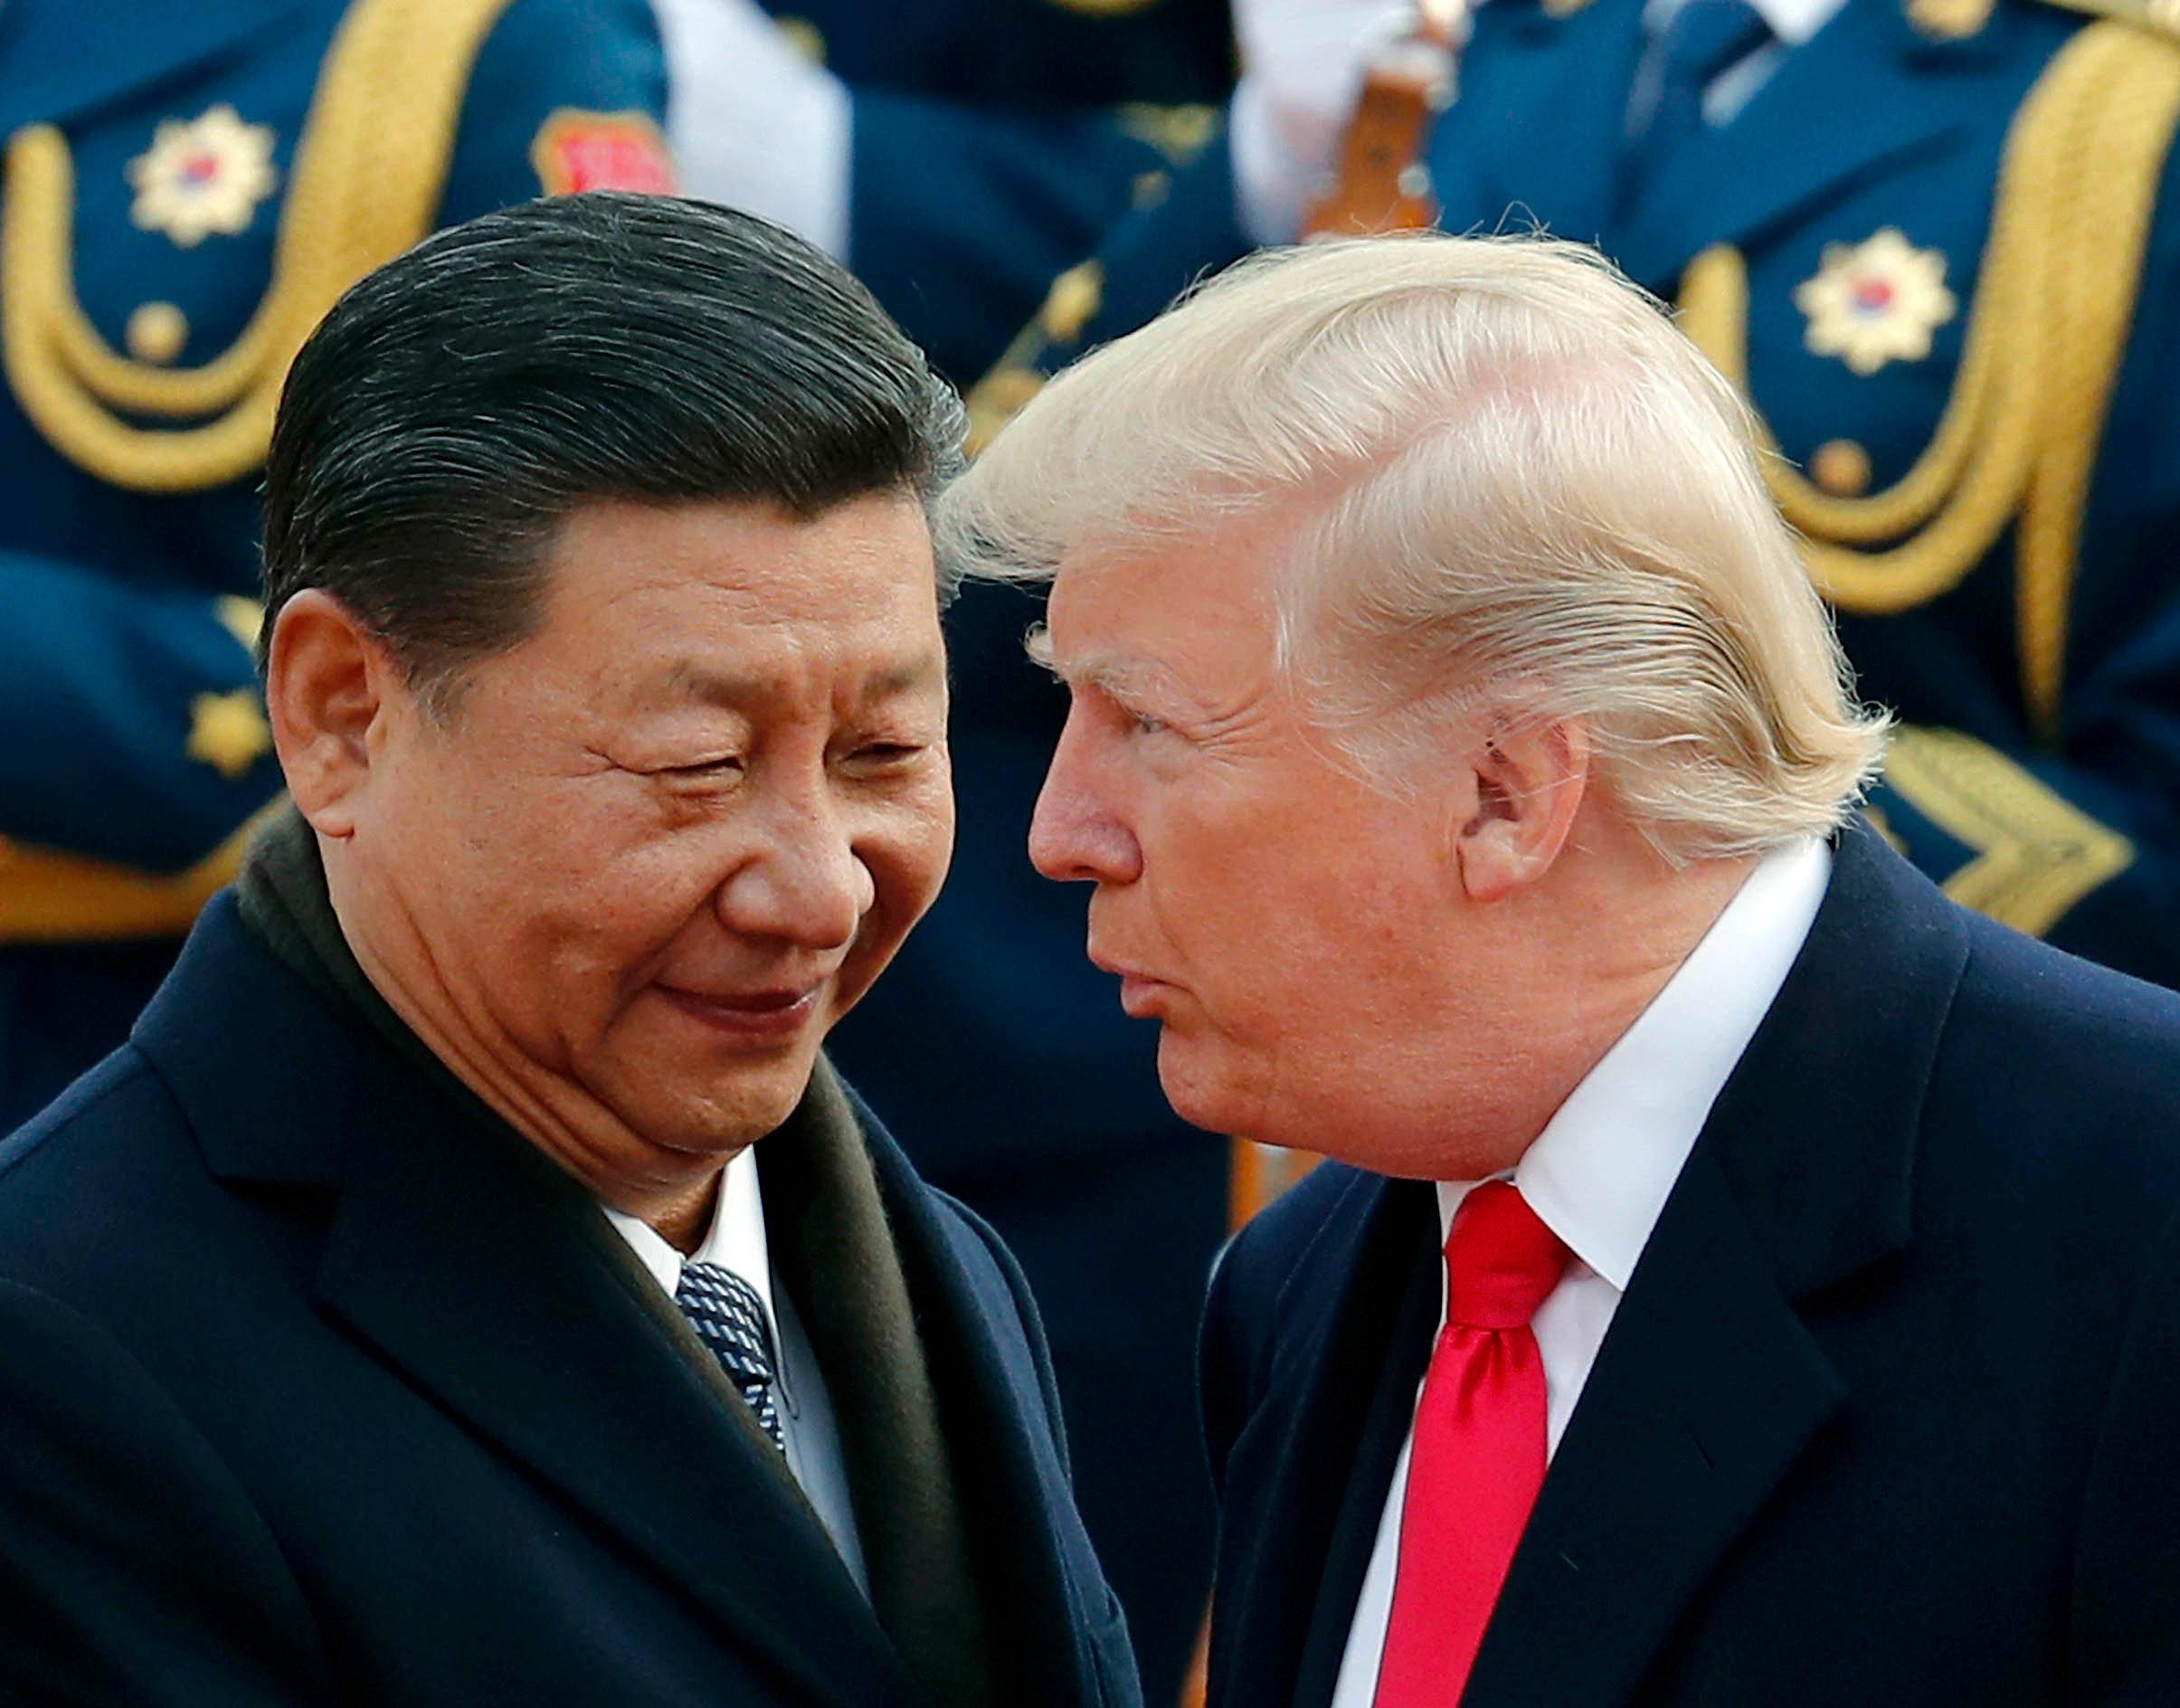 O presidente dos EUA, Donald Trump, conversa com o presidente chinês, Xi Jinping. EUA impuseram tarifas às importações de produtos chineses, dando início à guerra comercial entre as duas potências econômicas